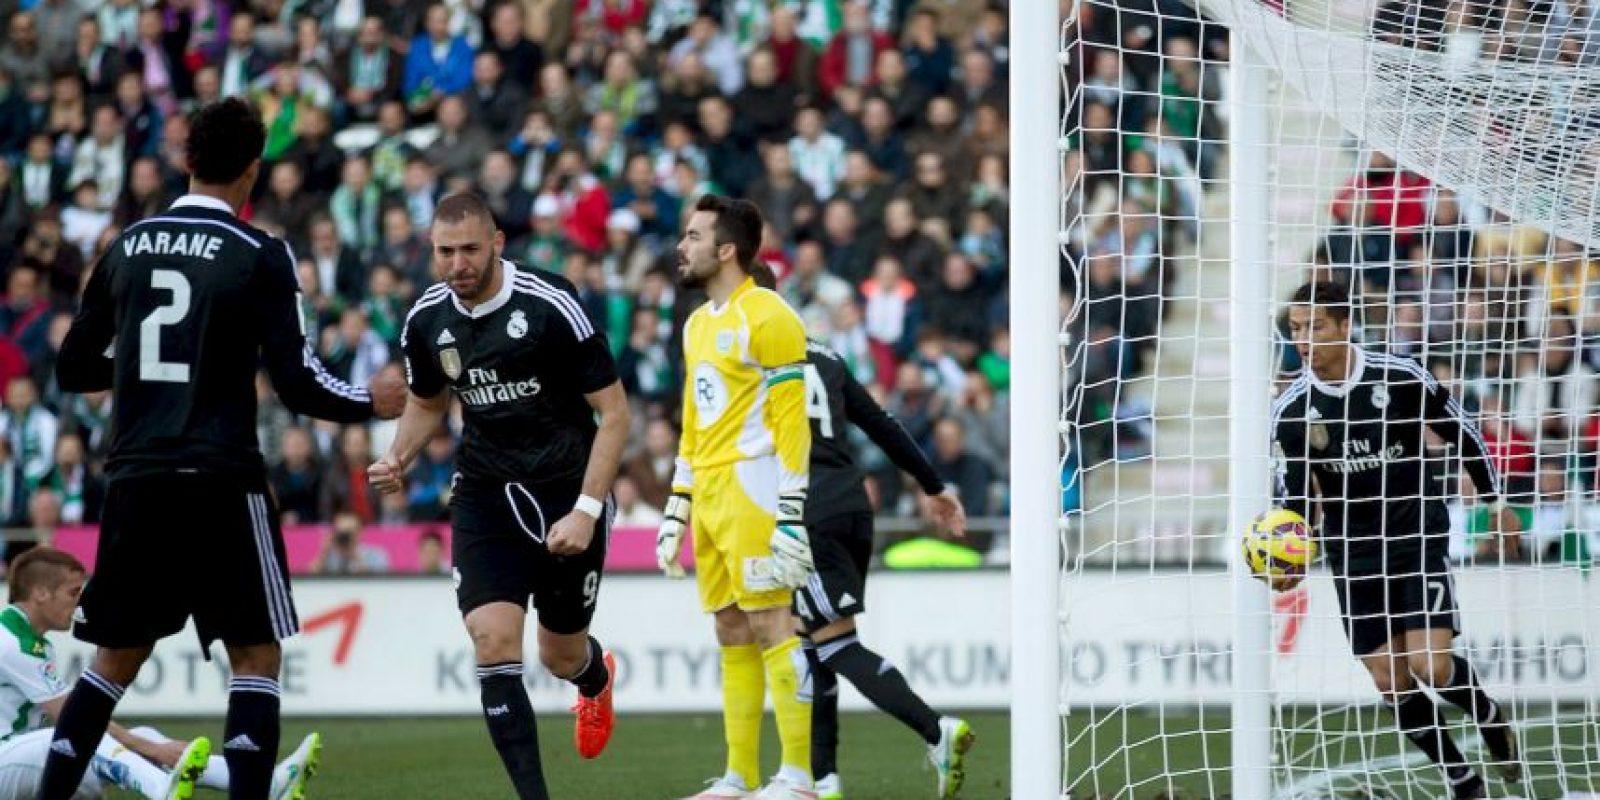 Mustafi indicó que la misma acción debe ser sancionada de la misma forma para todos los futbolistas. Foto:Getty